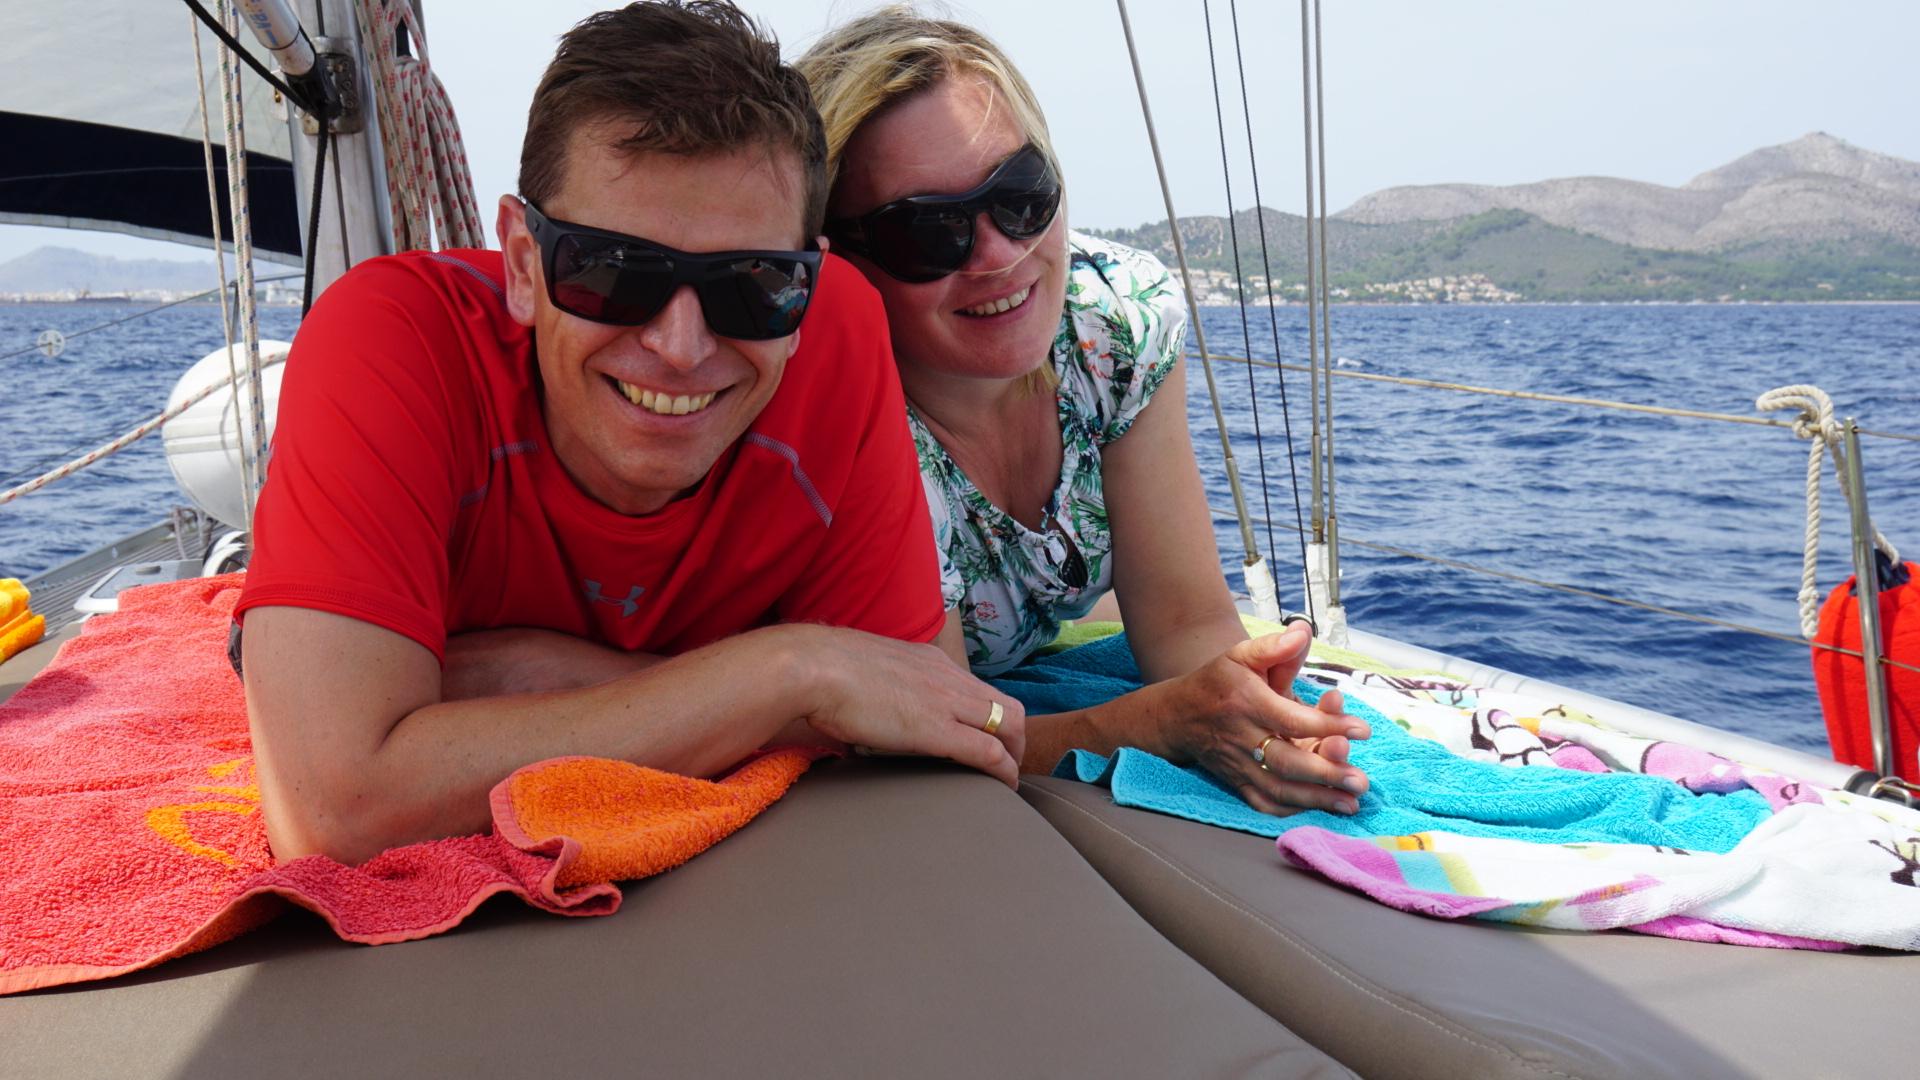 viaje en barco a mallorca